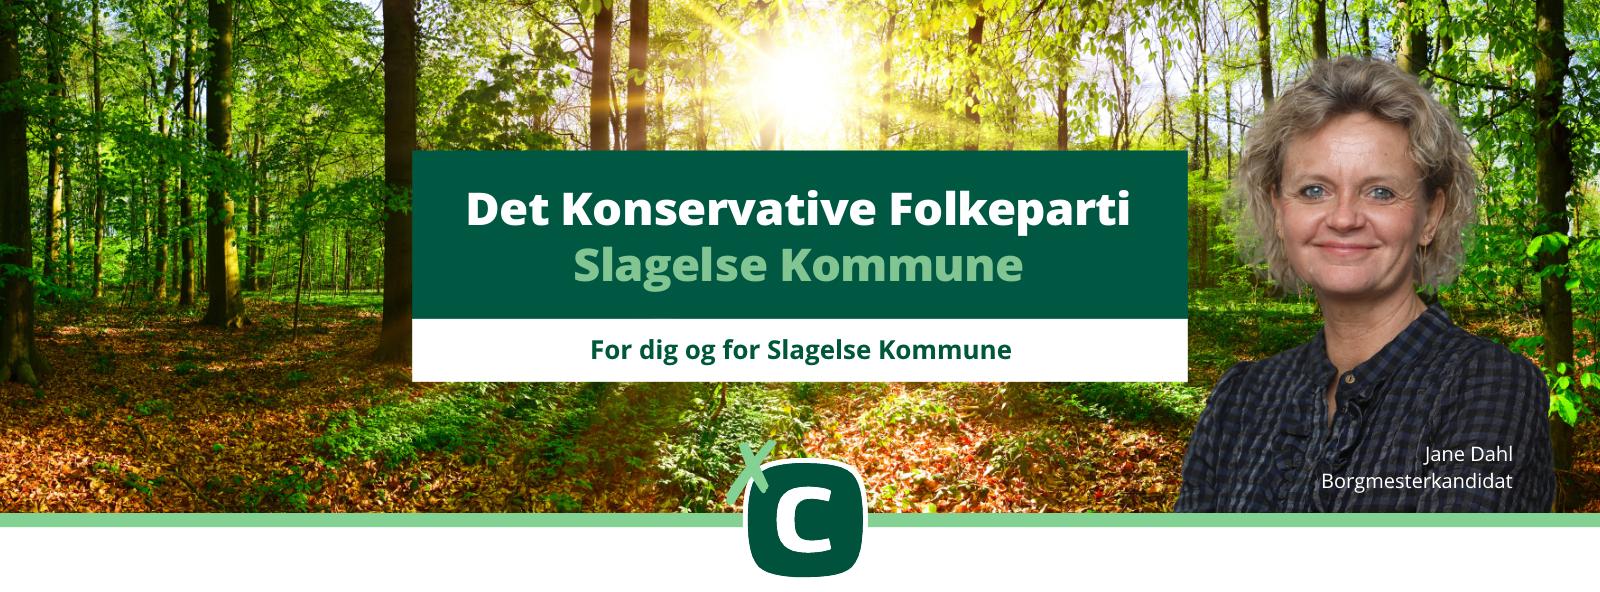 Det Konservative Folkeparti i Slagelse Kommune